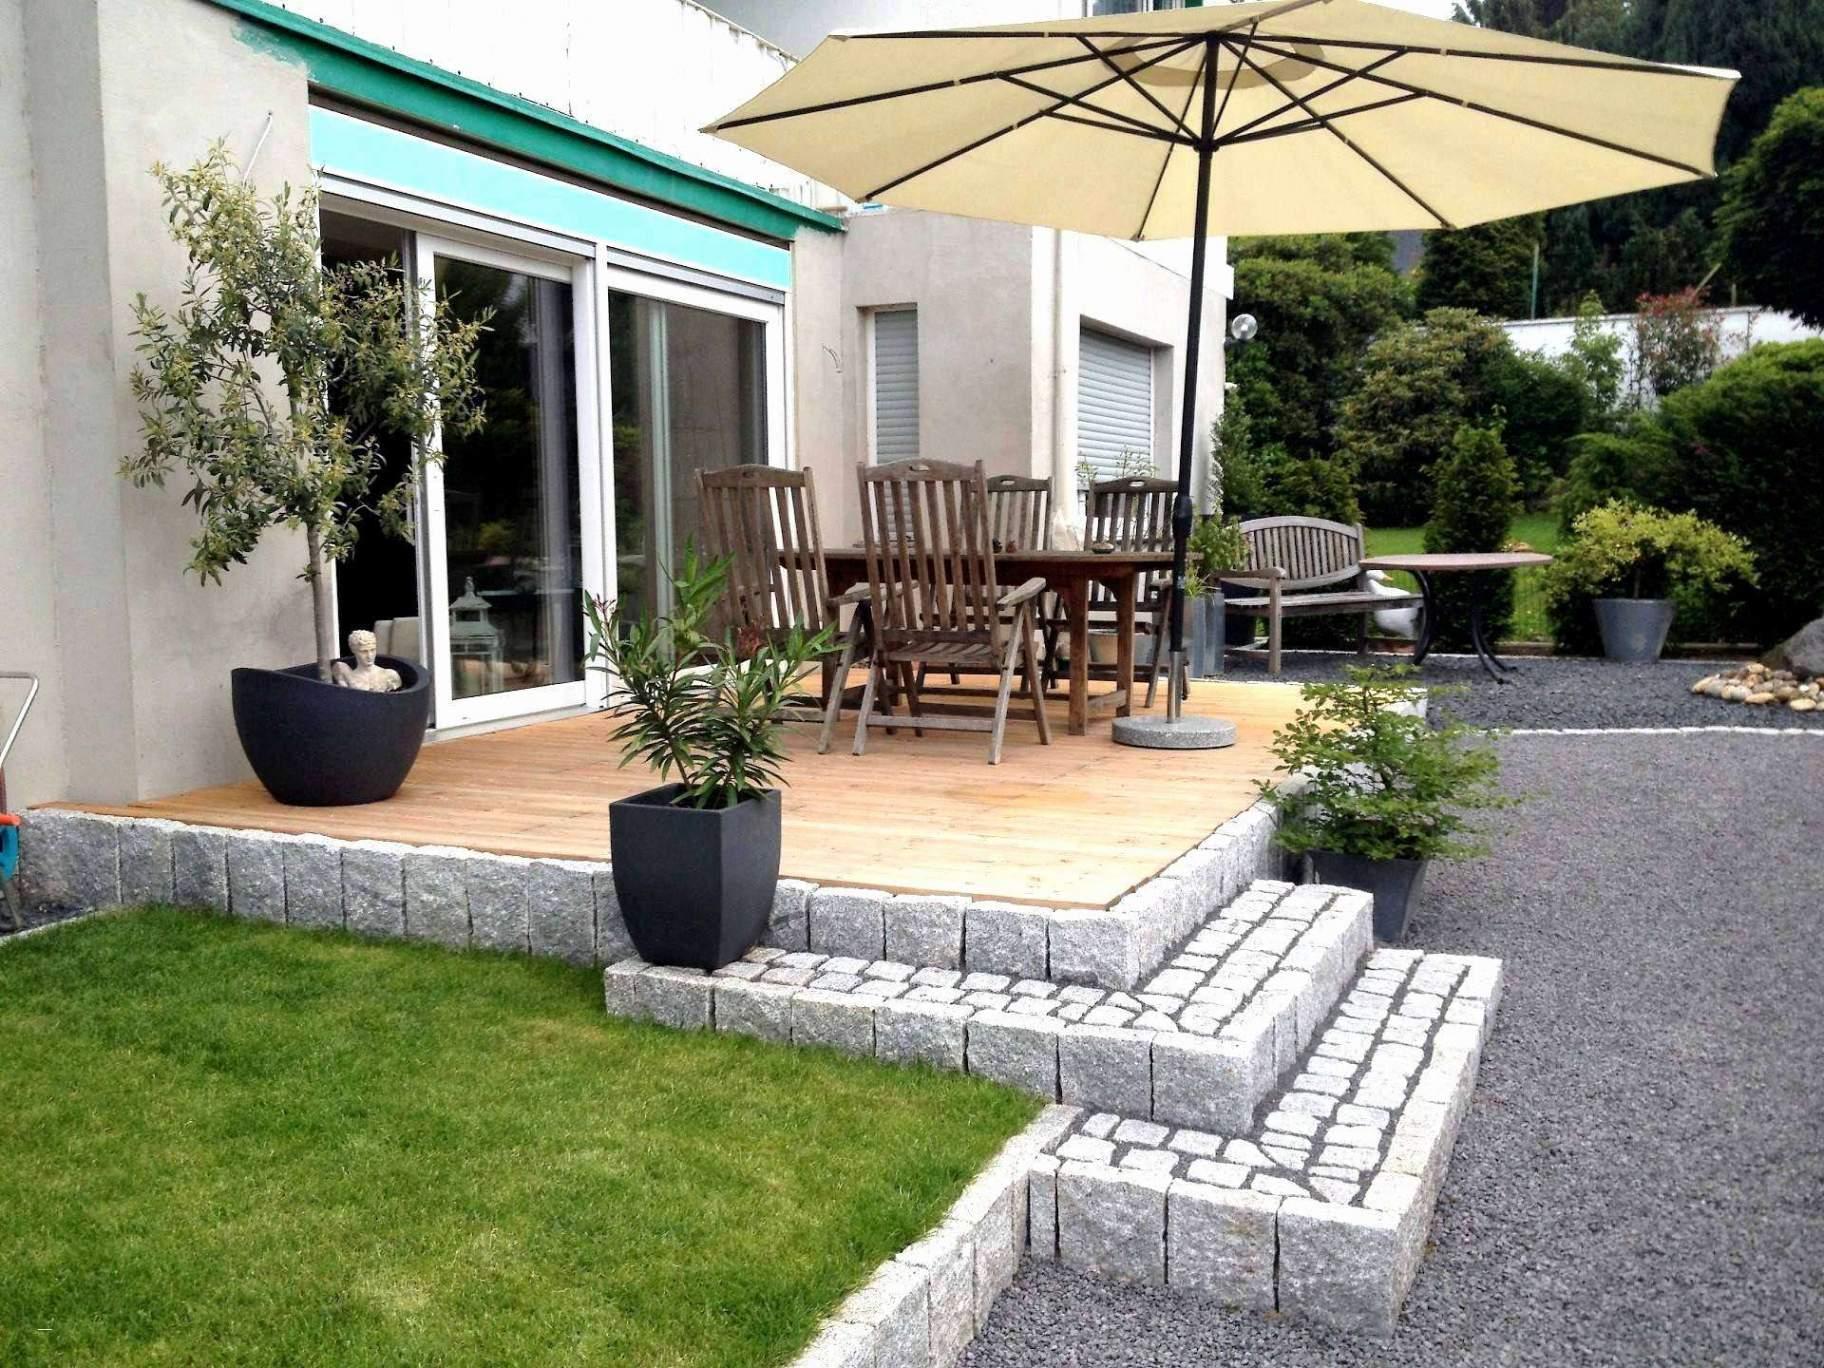 Garten überdachung Schön Ideen Für Grillplatz Im Garten — Temobardz Home Blog